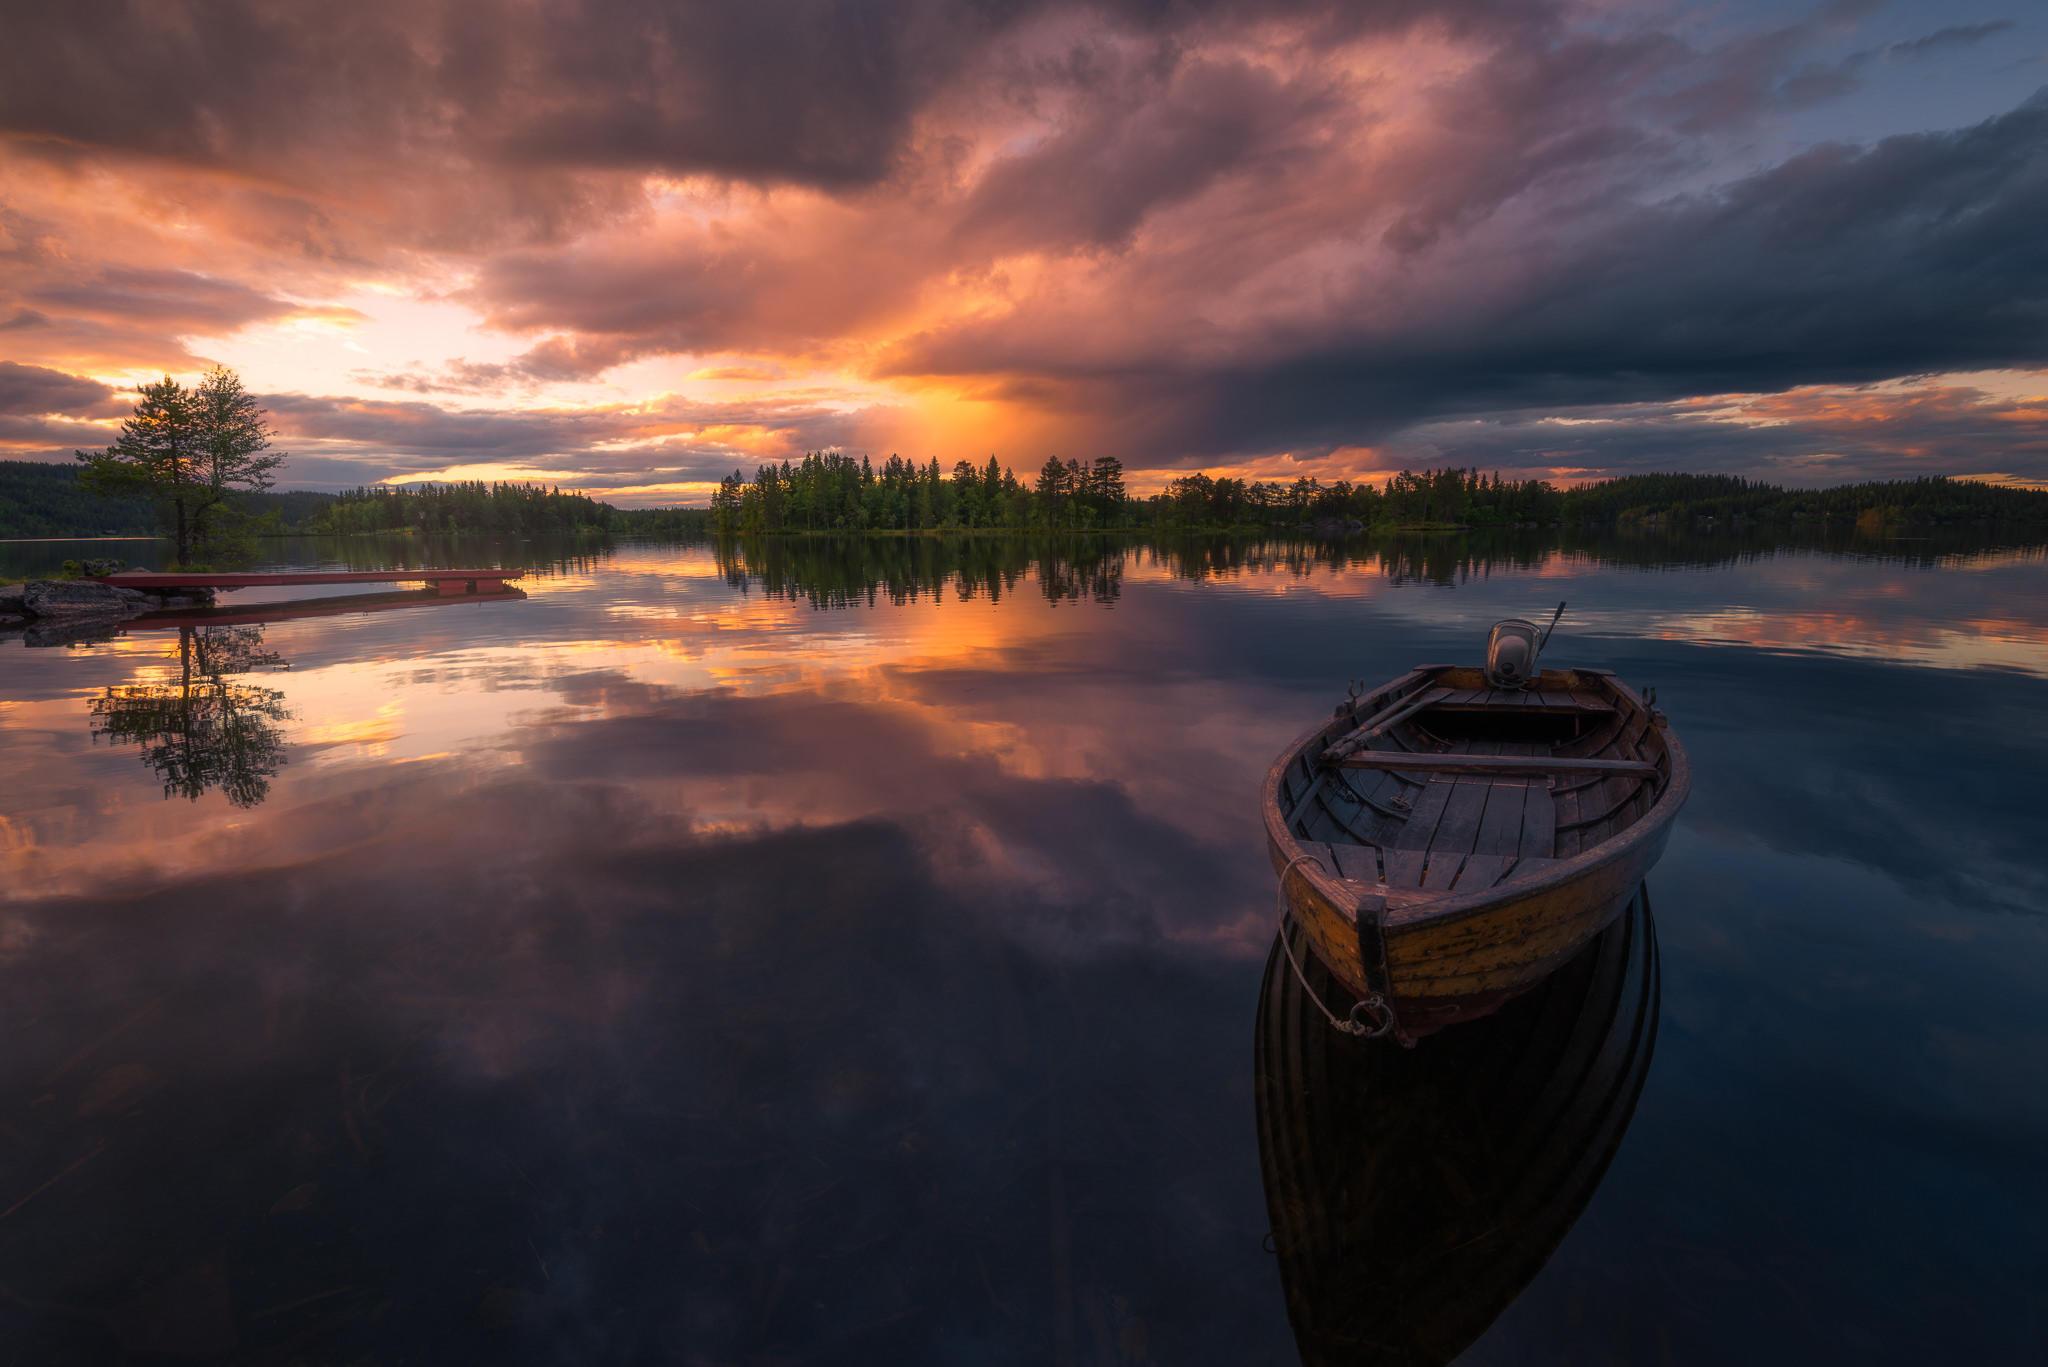 Местное озеро в Рингерике, Норвегия, закат, лодка, деревья, пейзаж